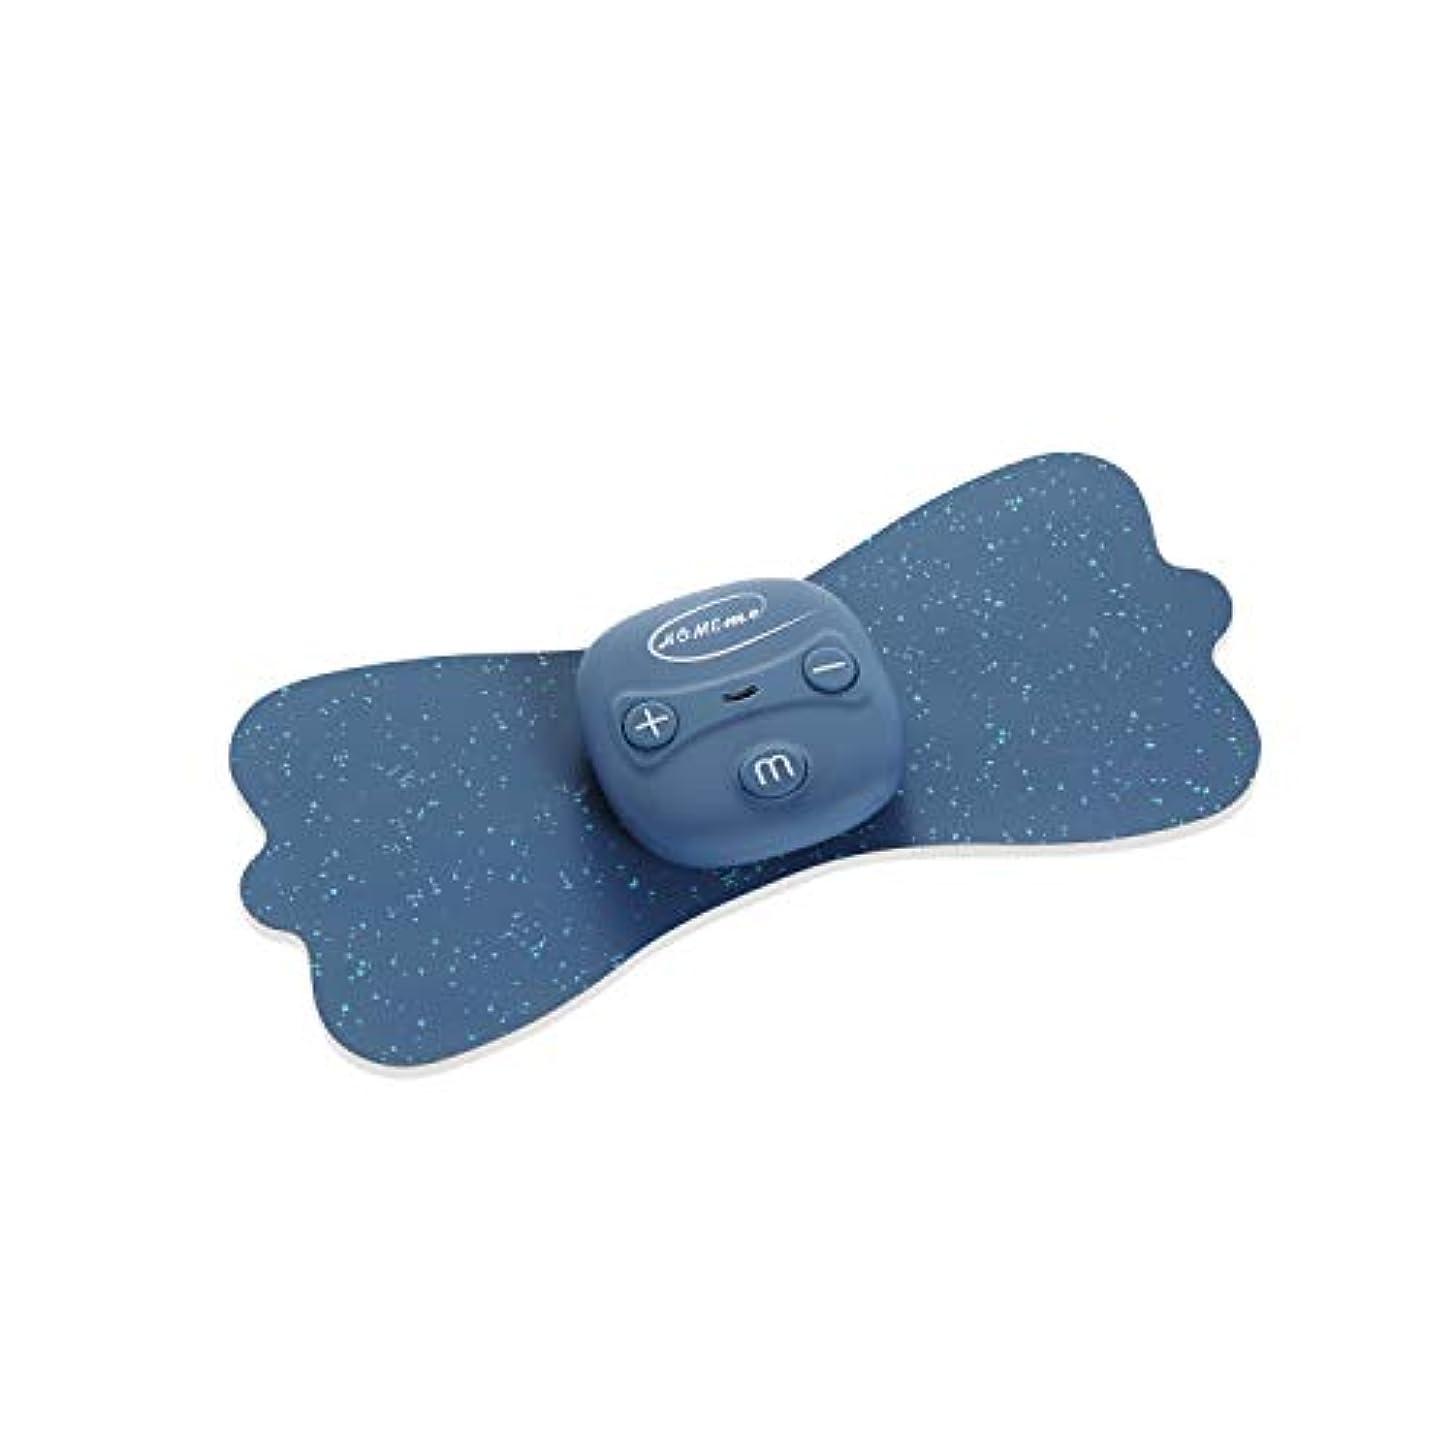 メタルラインモンゴメリー絡み合いHOMEME 低周波マッサージパッド 2枚 EMSパッド 15段階調節 6つモード 腰マッサージ usb充電式 筋疲労回復 一年保証 首/肩/腰/背中/手/足向け